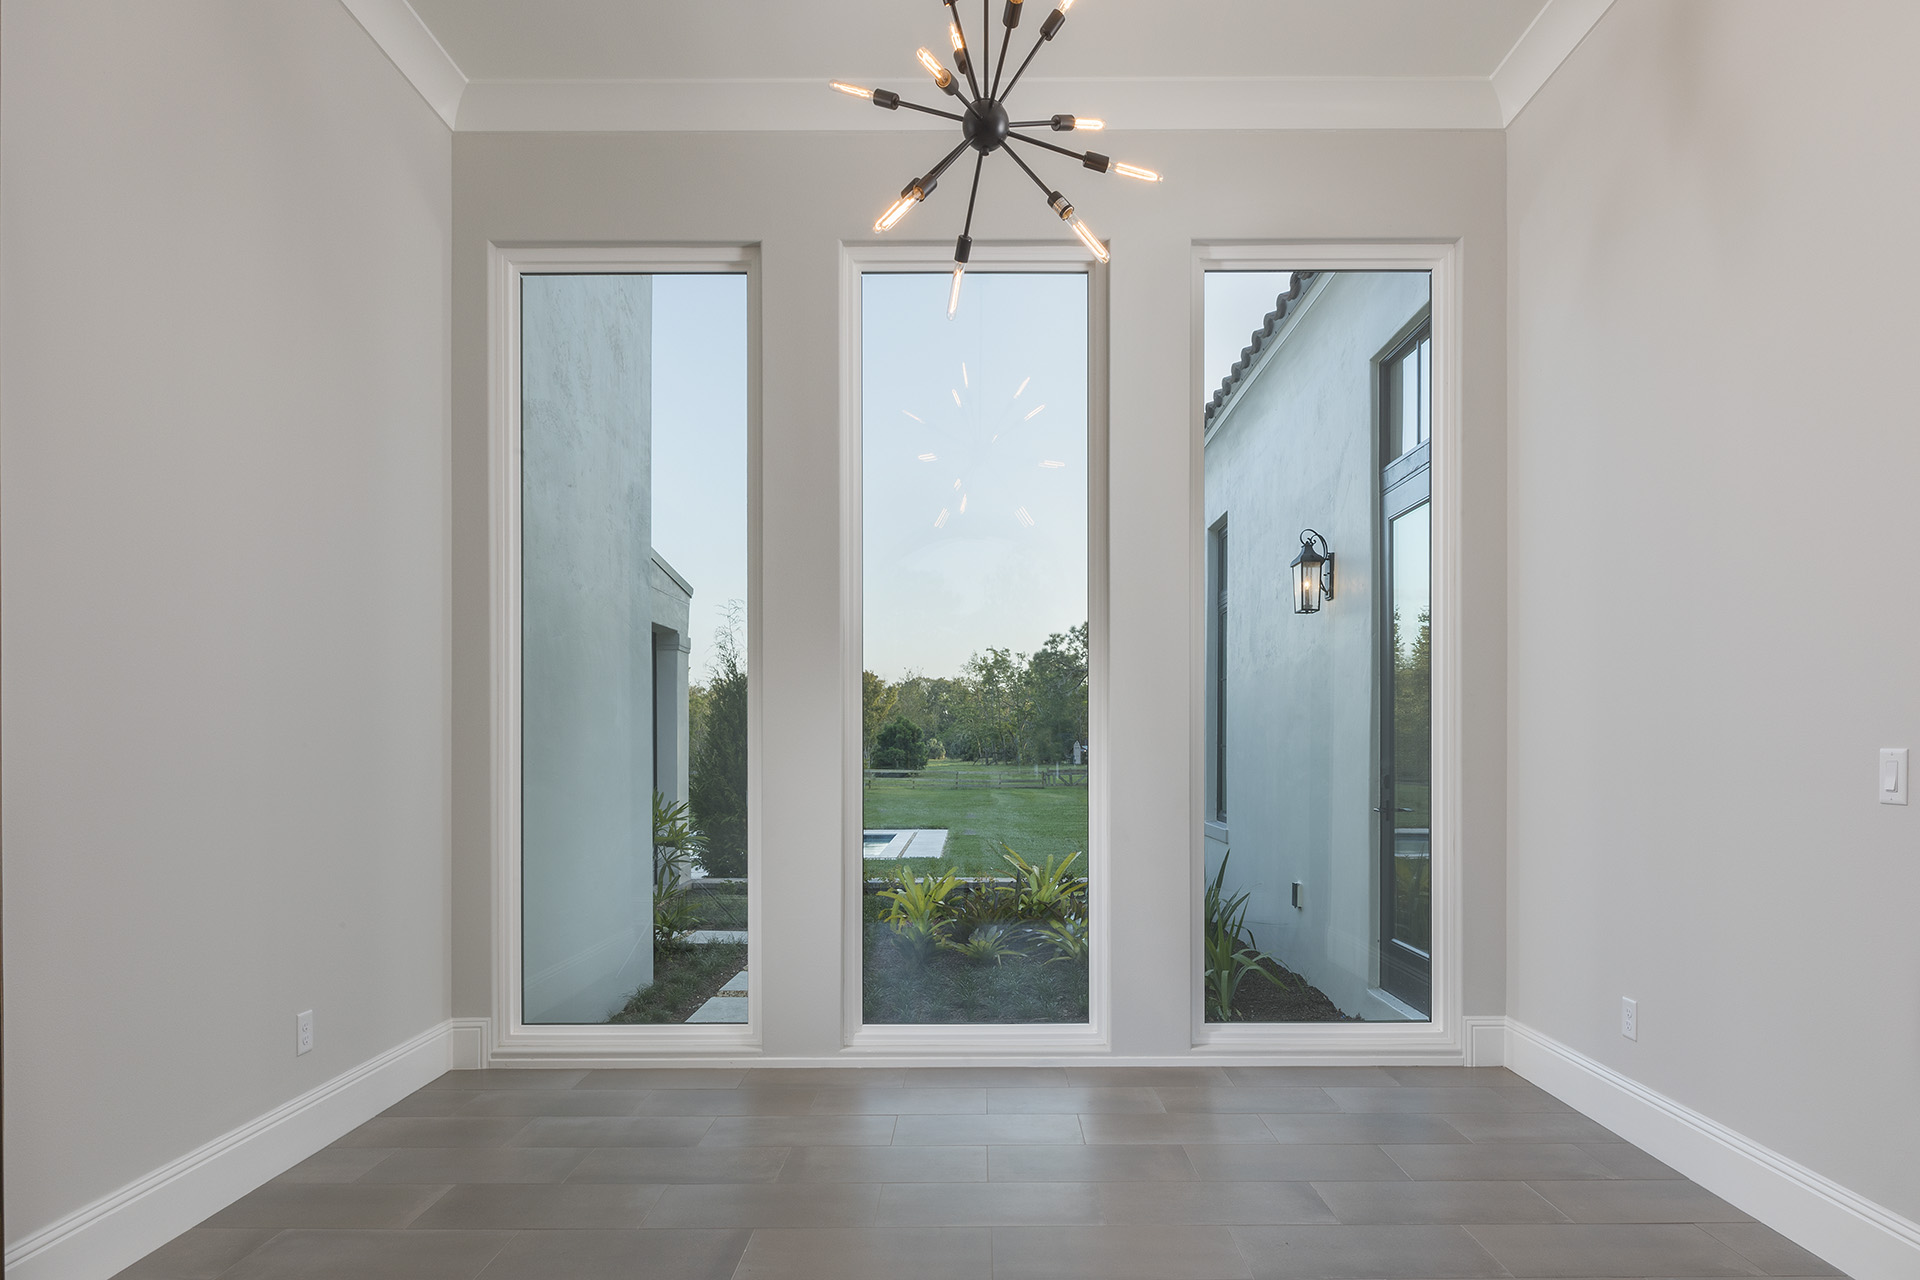 custom interior designed by Orlando home builder Einheit Homes